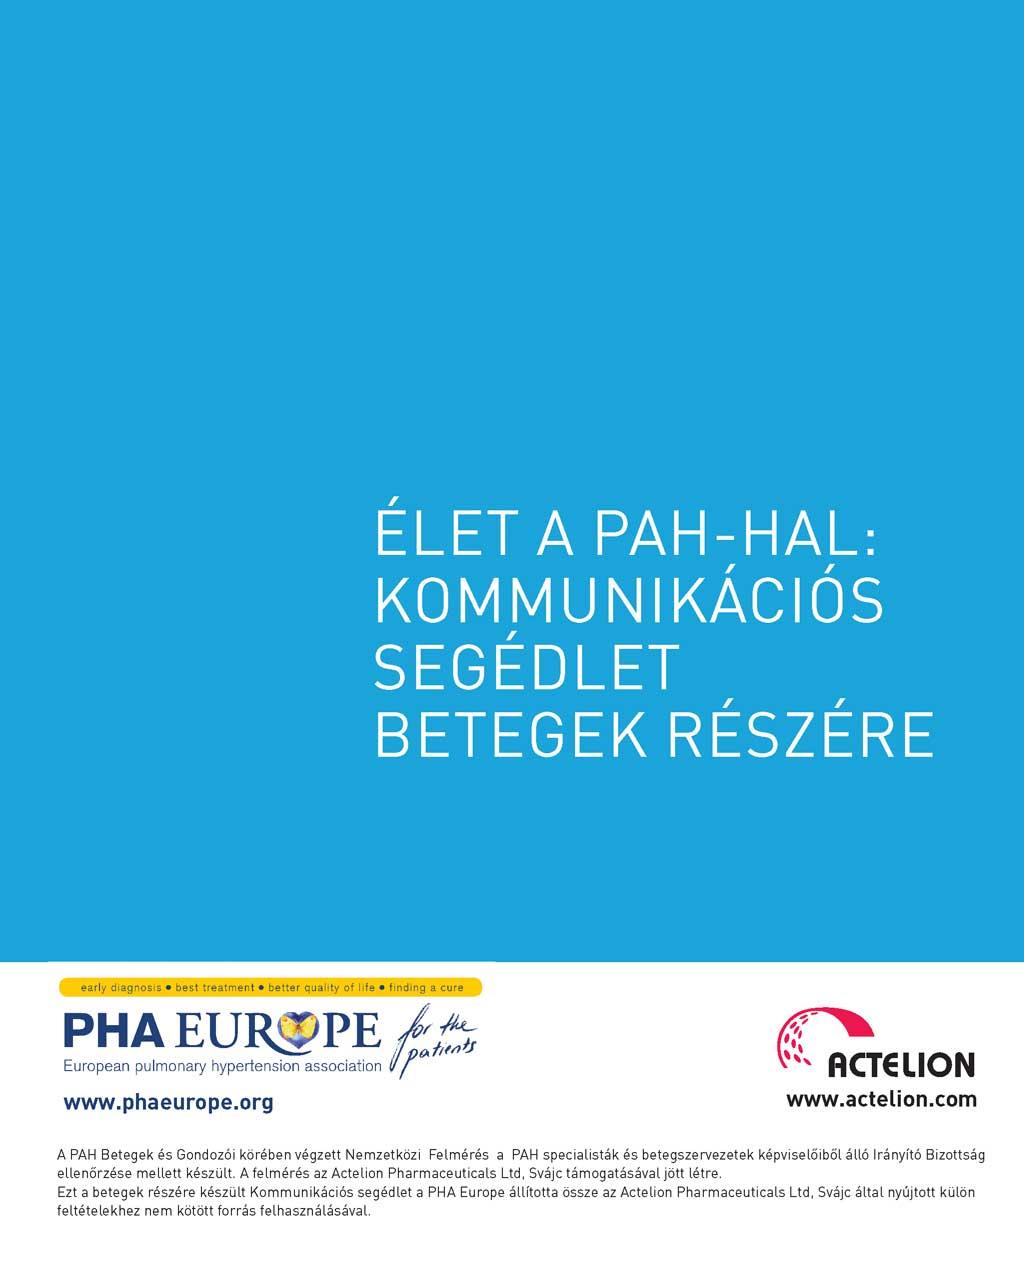 Élet a PAH-hal: Kommunikációs segédlet betegek részére